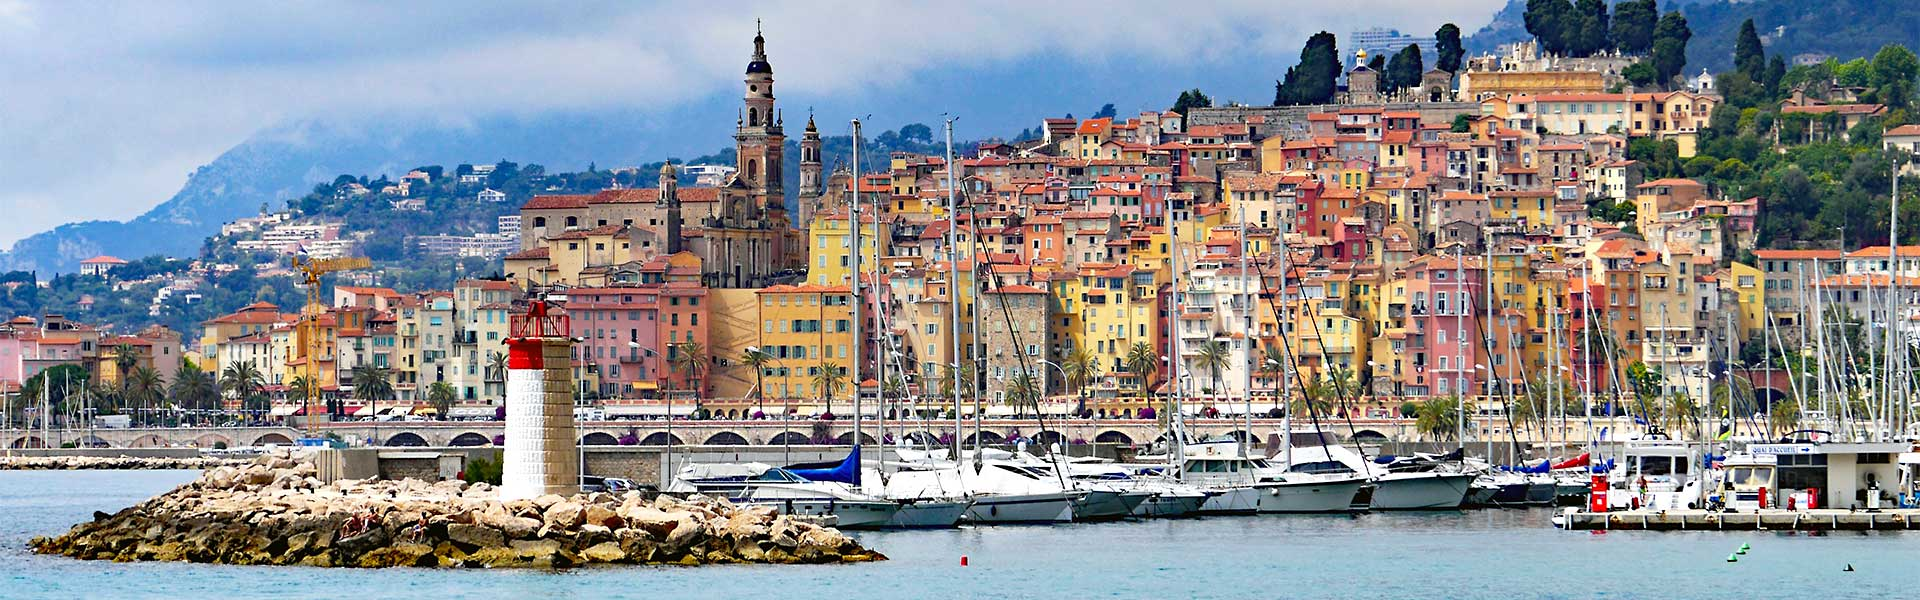 Menton Urlaub in Südfrankreich